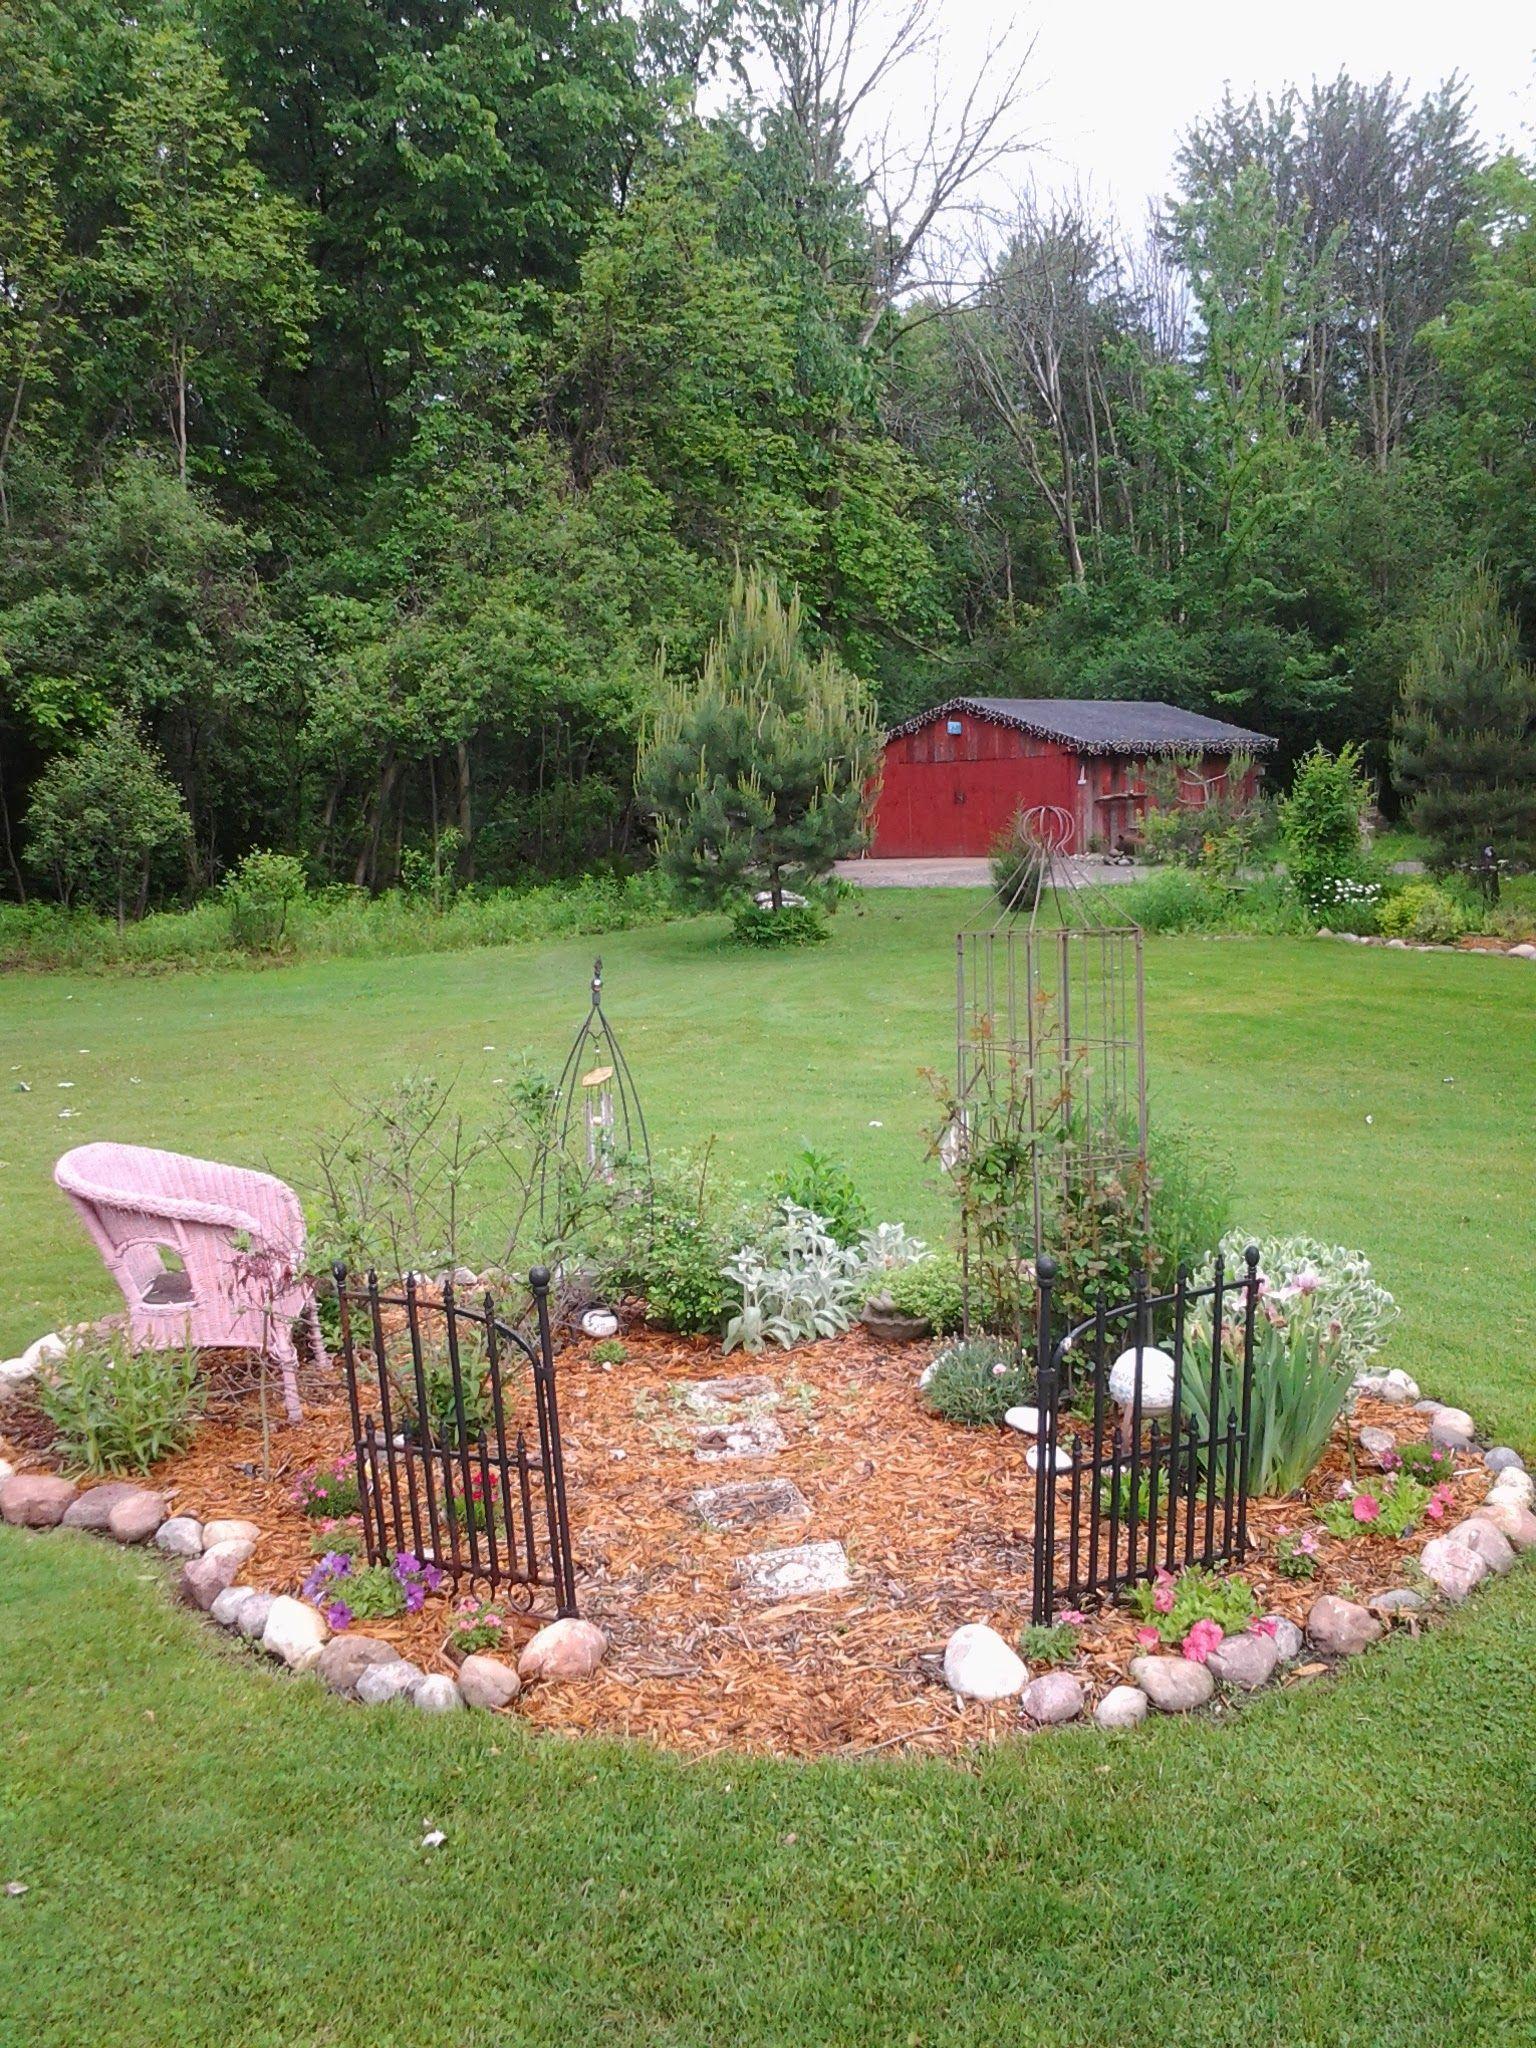 10 Small Memorial Garden Ideas Most Stylish As Well As Gorgeous Small Memorial Garden Ideas Pet Memorial Garden Backyard Landscaping Backyard diy memorial garden